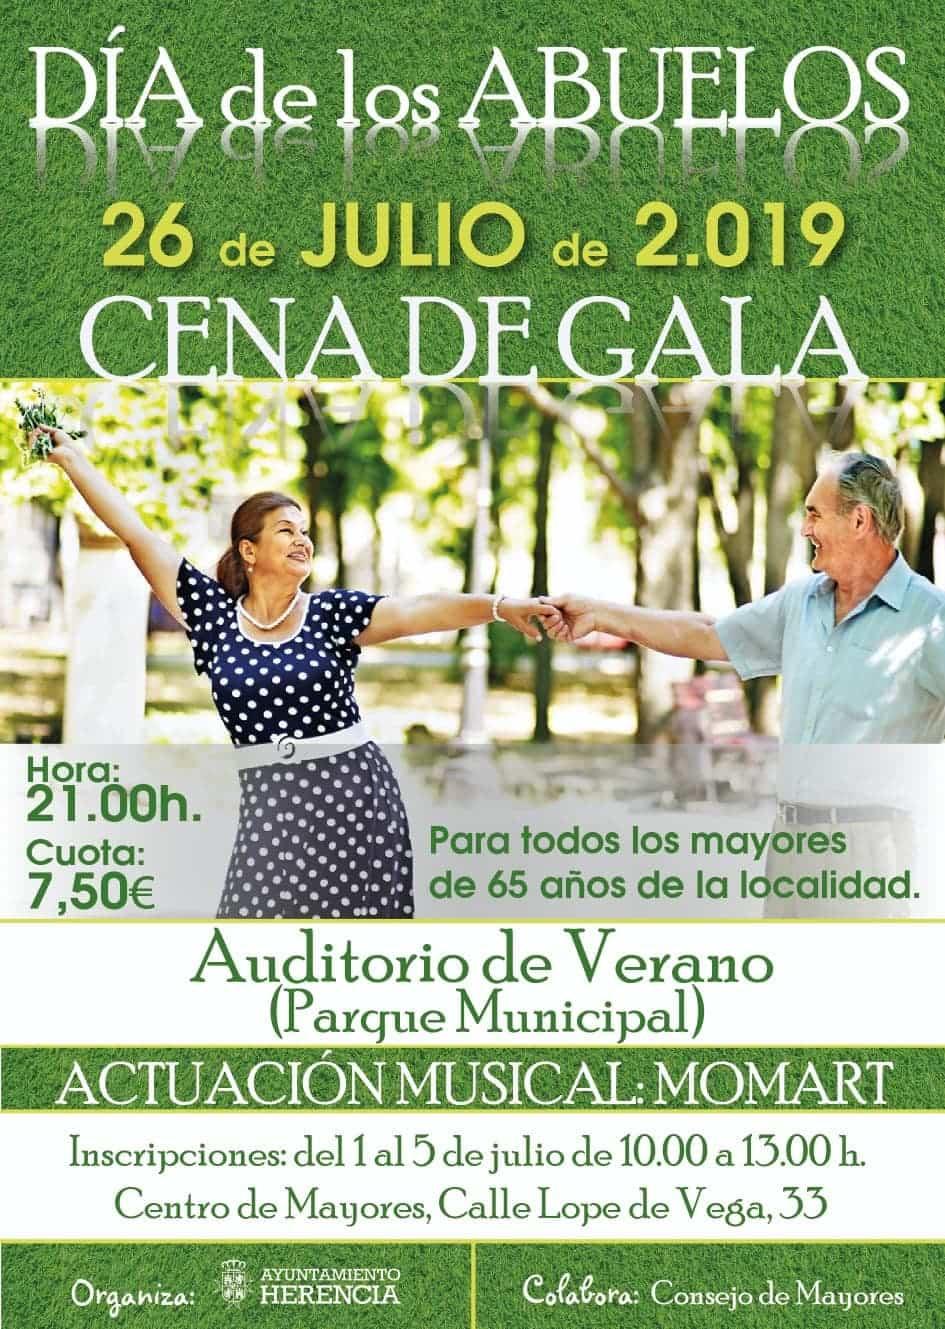 Cena del Gala por el Día de los Abuelos 2019 en Herencia ¡Actualizado con fotos! 17